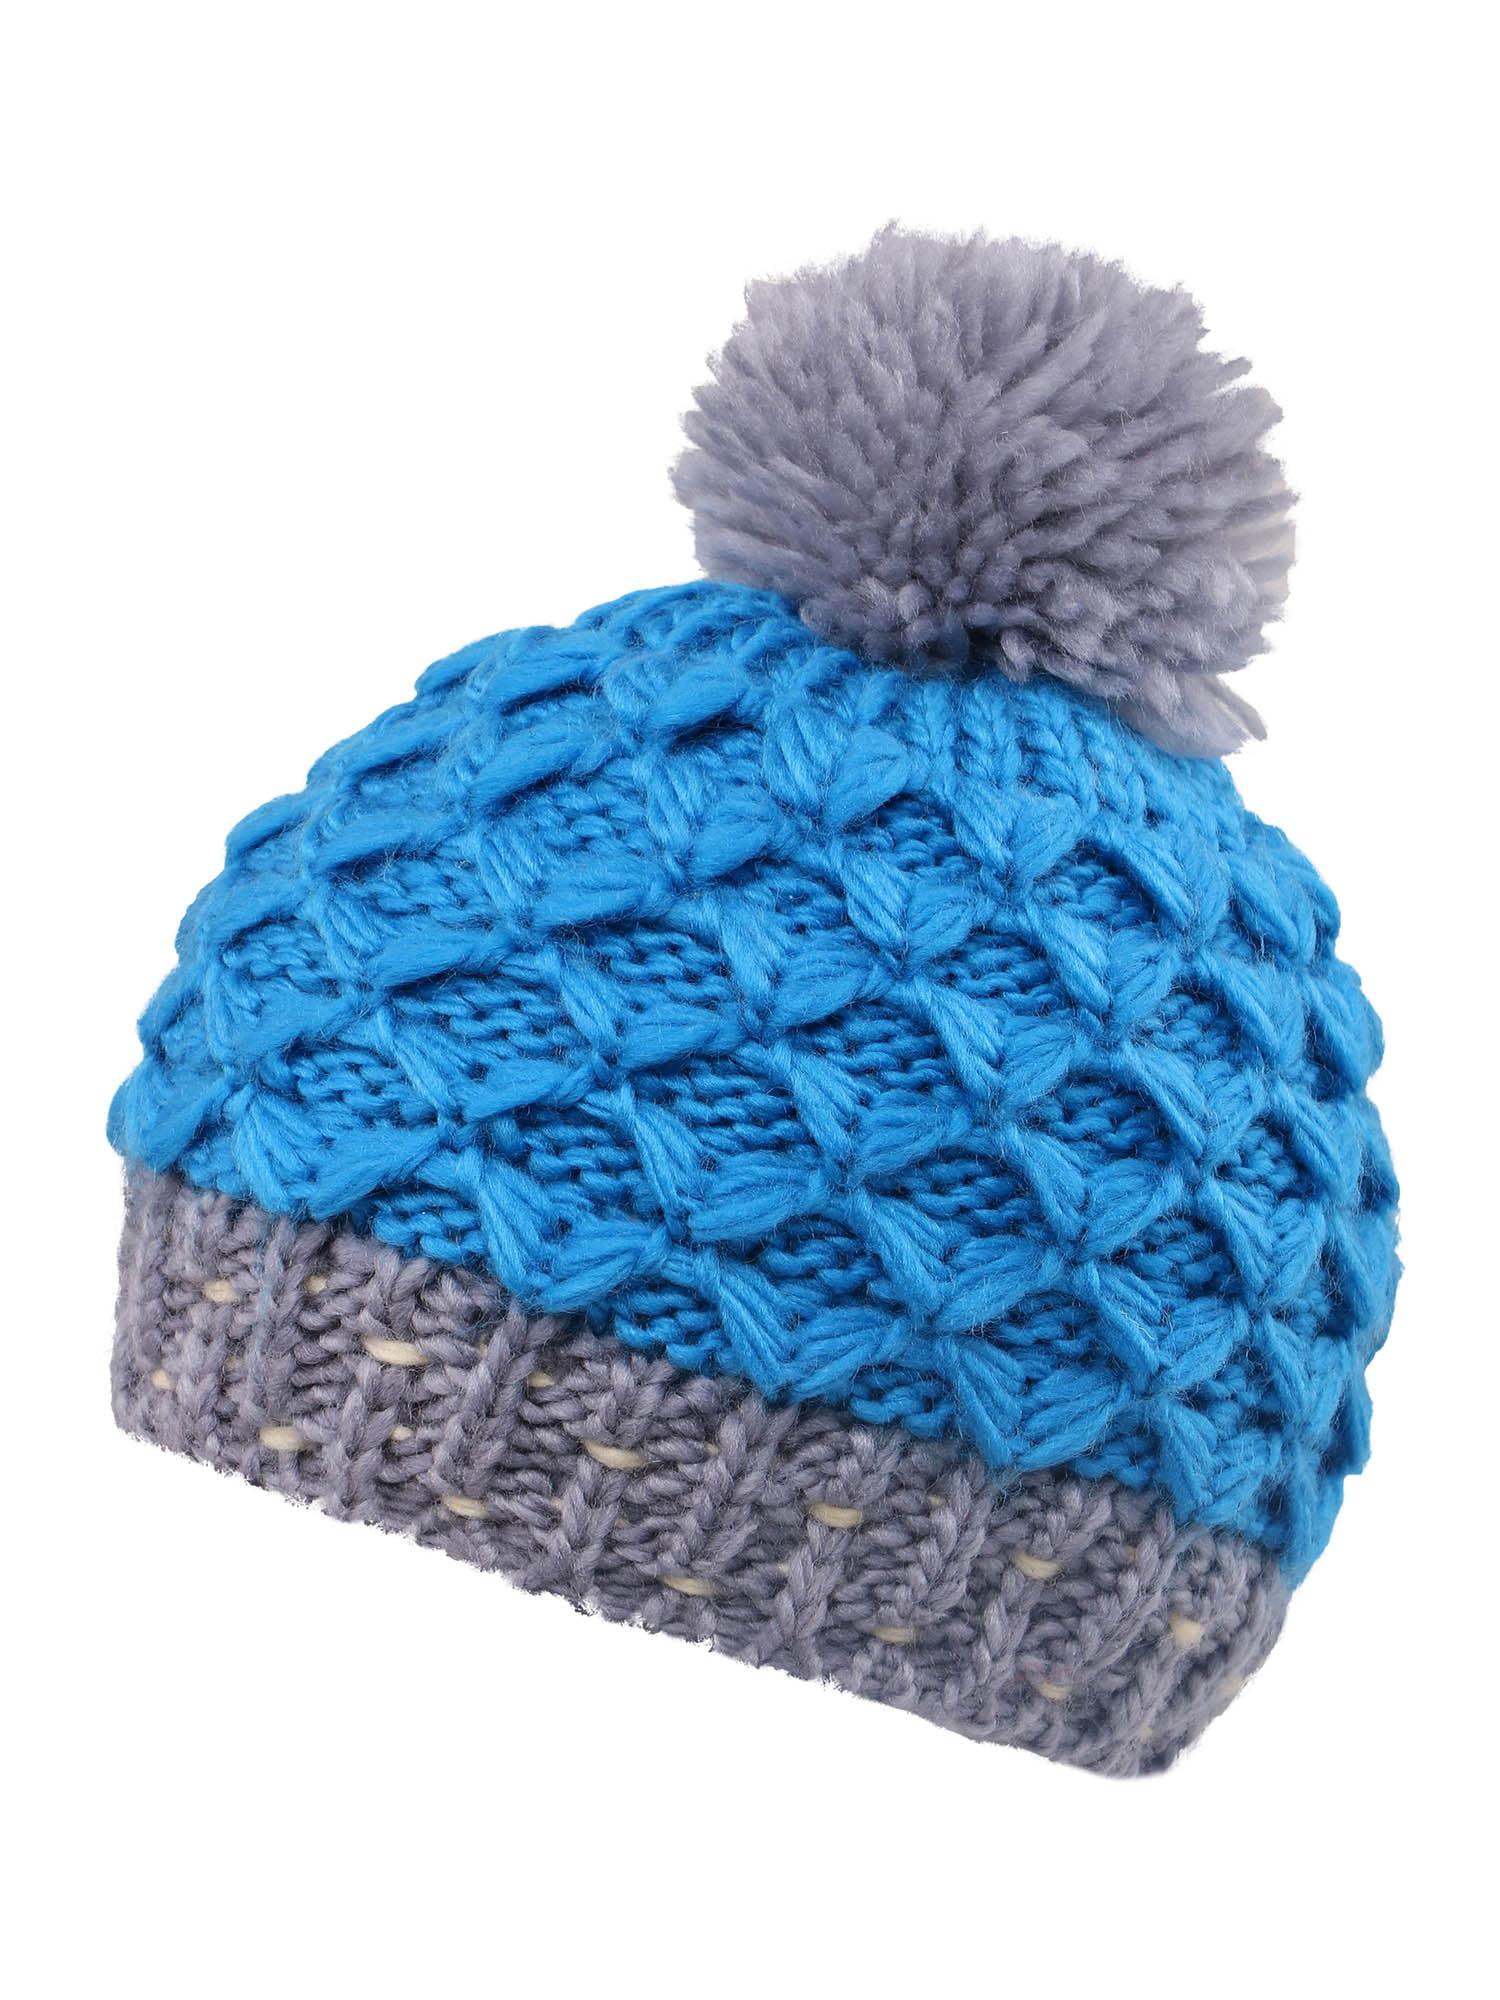 df3496e9fce BASILICA - Striped Knit Beanie with Yarn Pompom By Arctic Paw